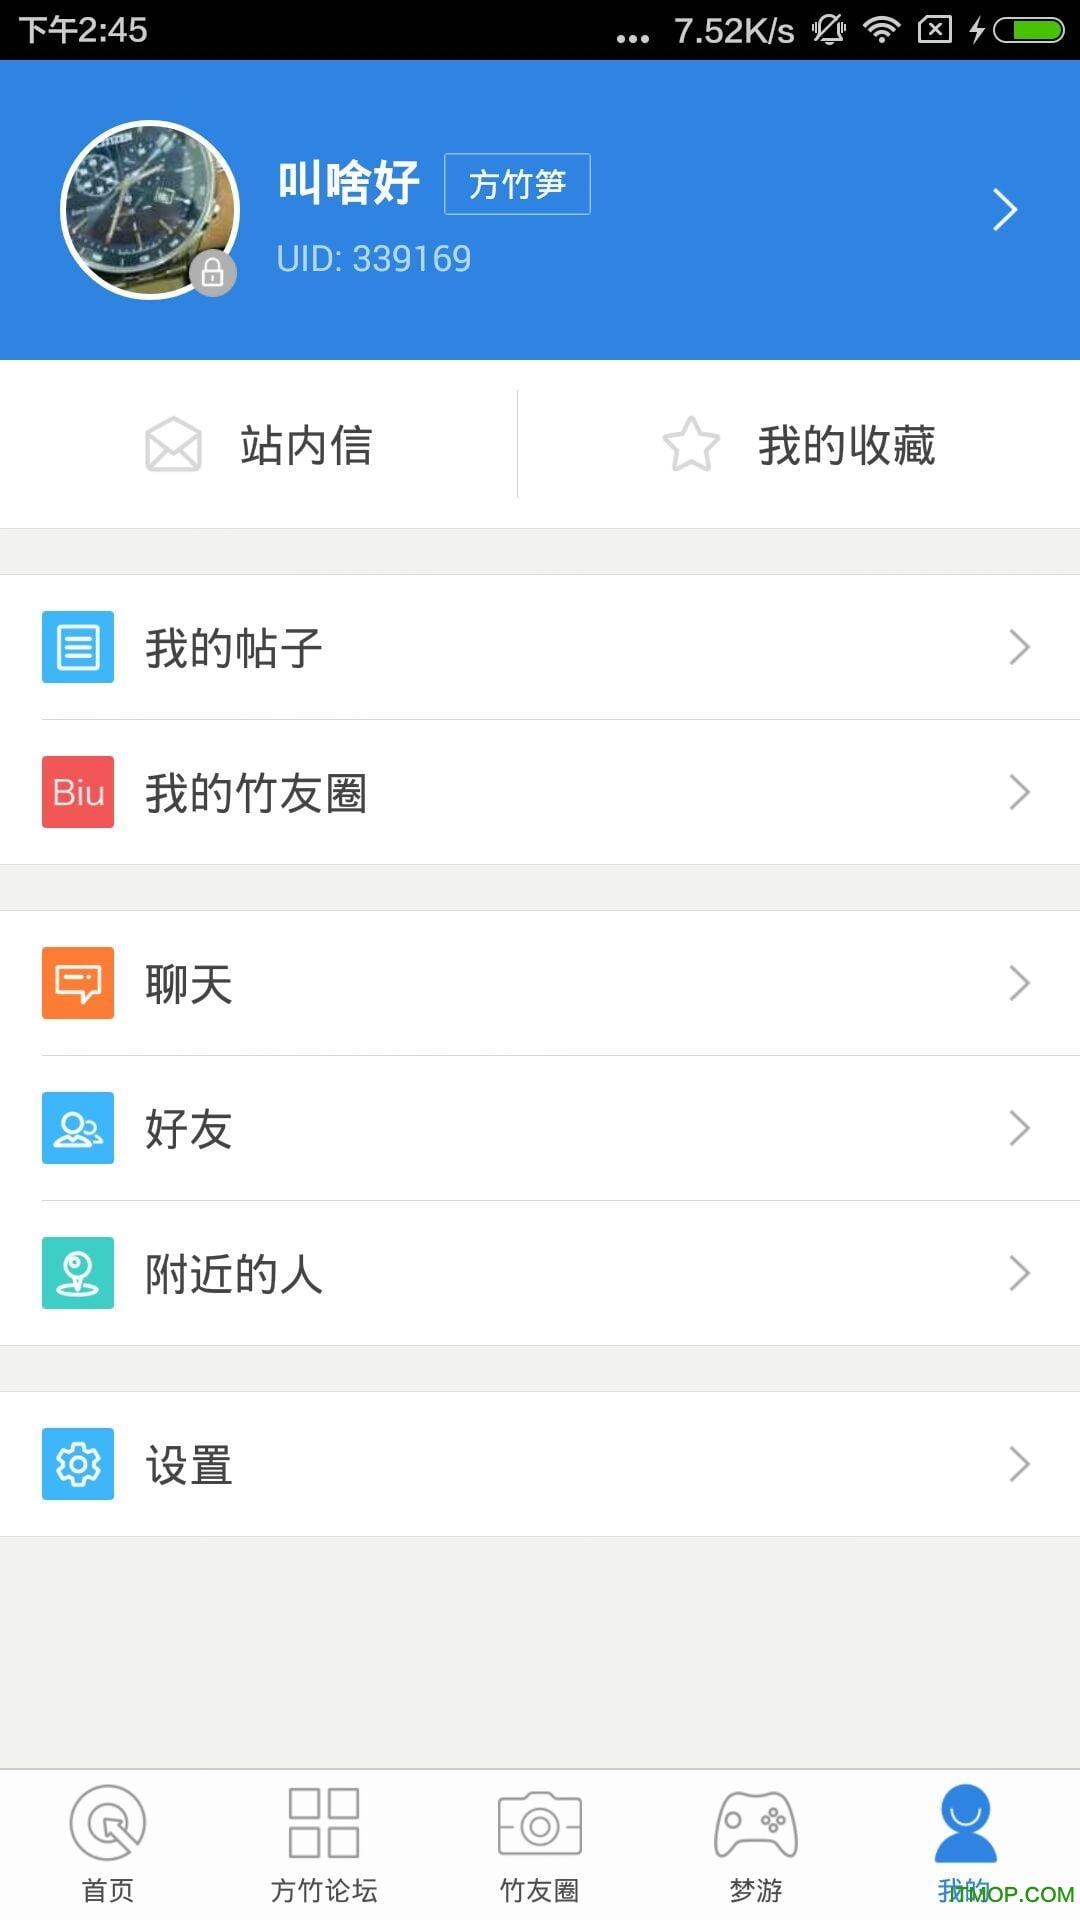 南川方竹论坛app v3.0.0 官方安卓版3